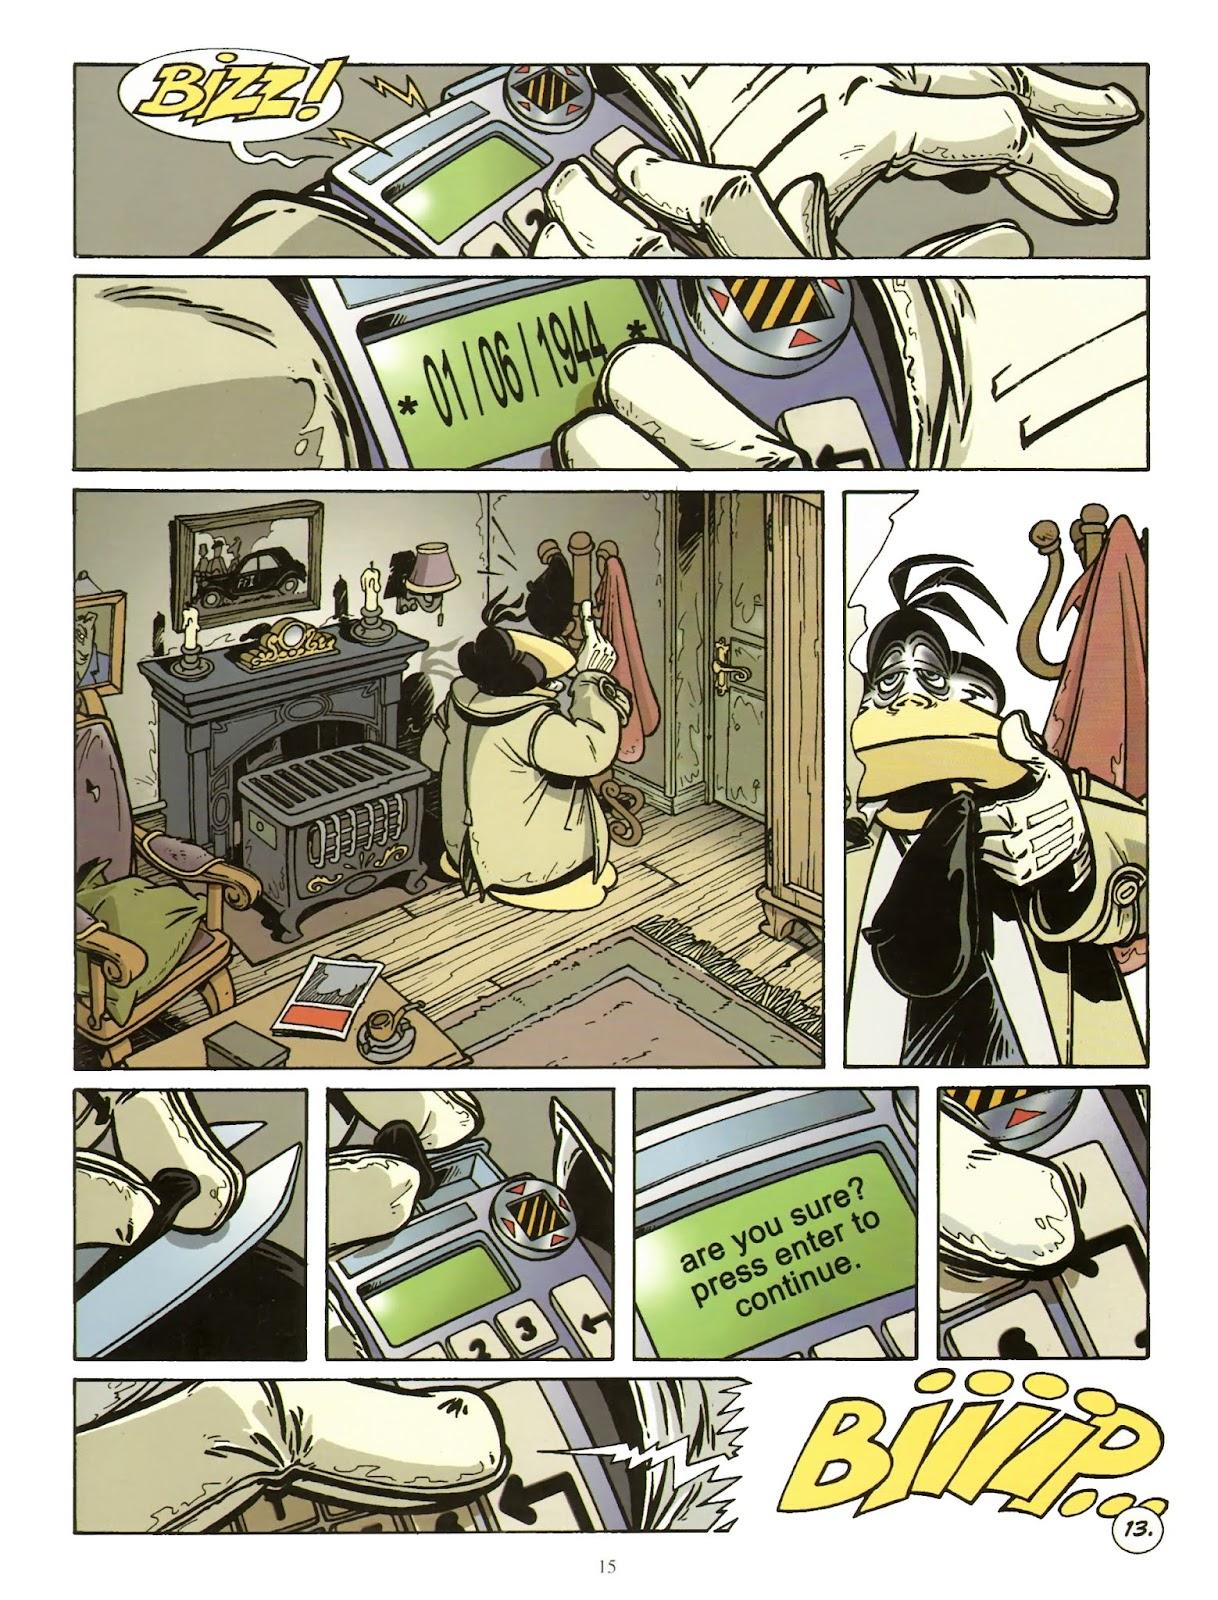 Une enquête de l'inspecteur Canardo issue 11 - Page 16